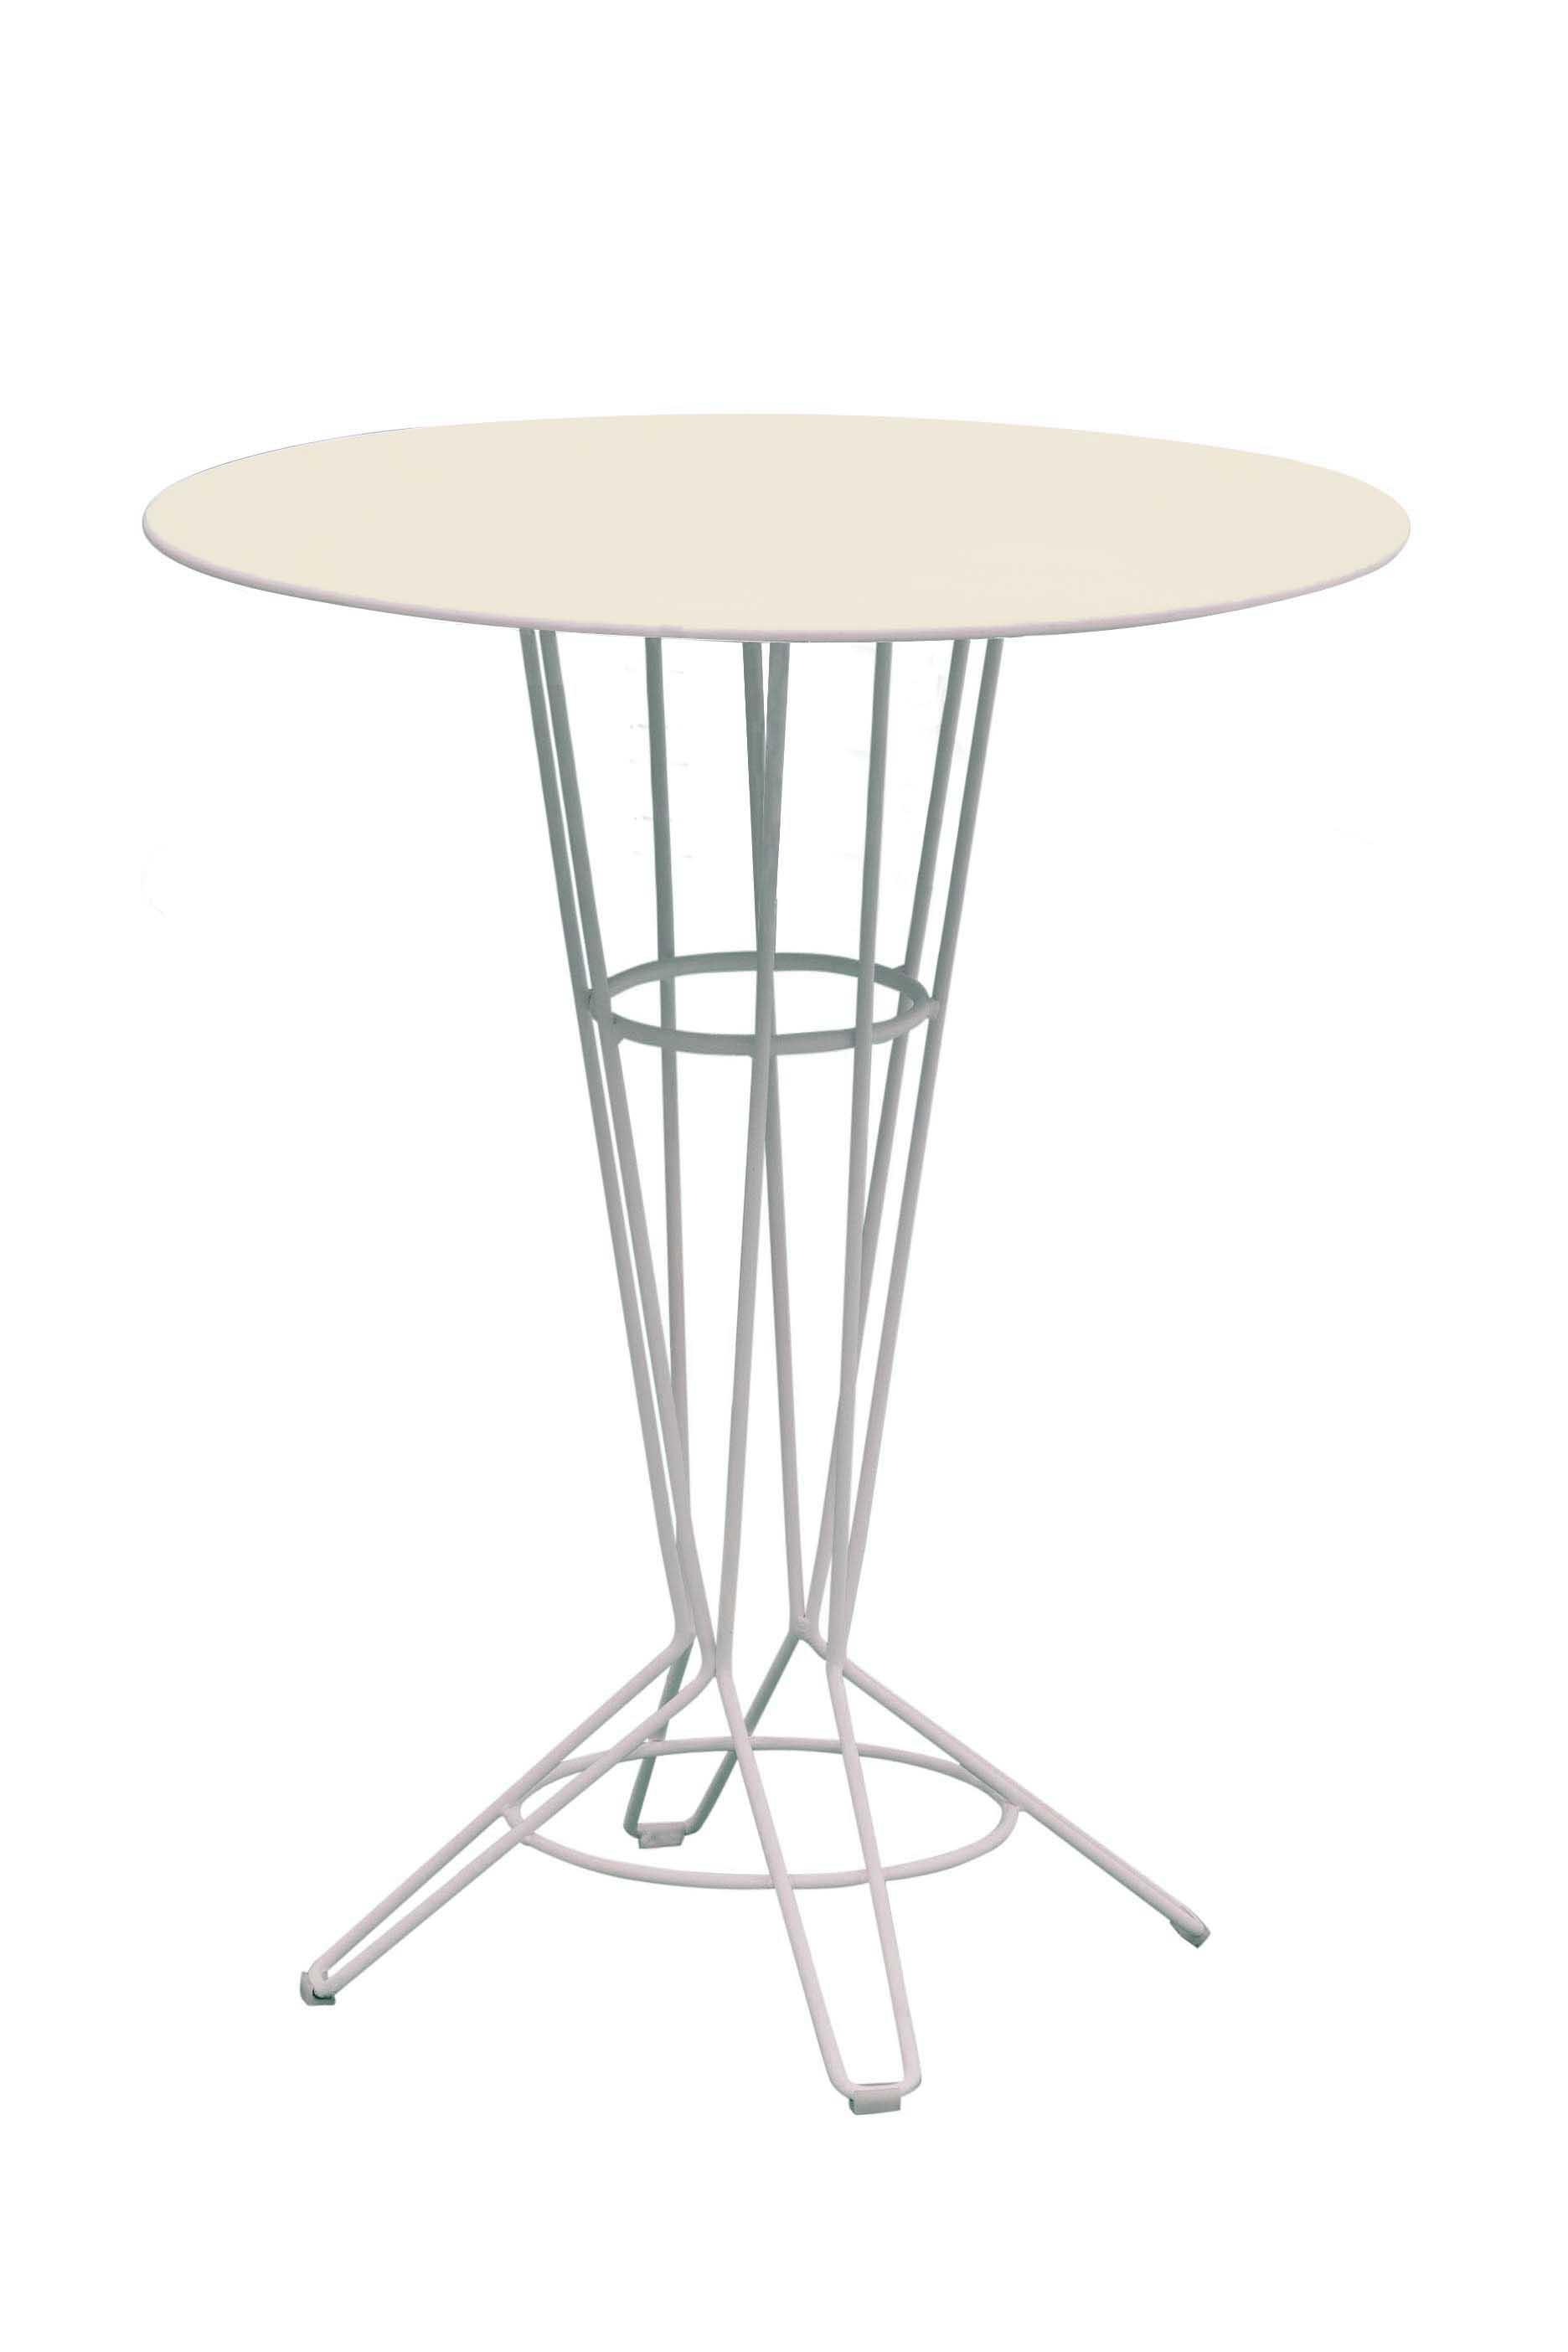 NOSTRUM - Table haute en acier beige D80